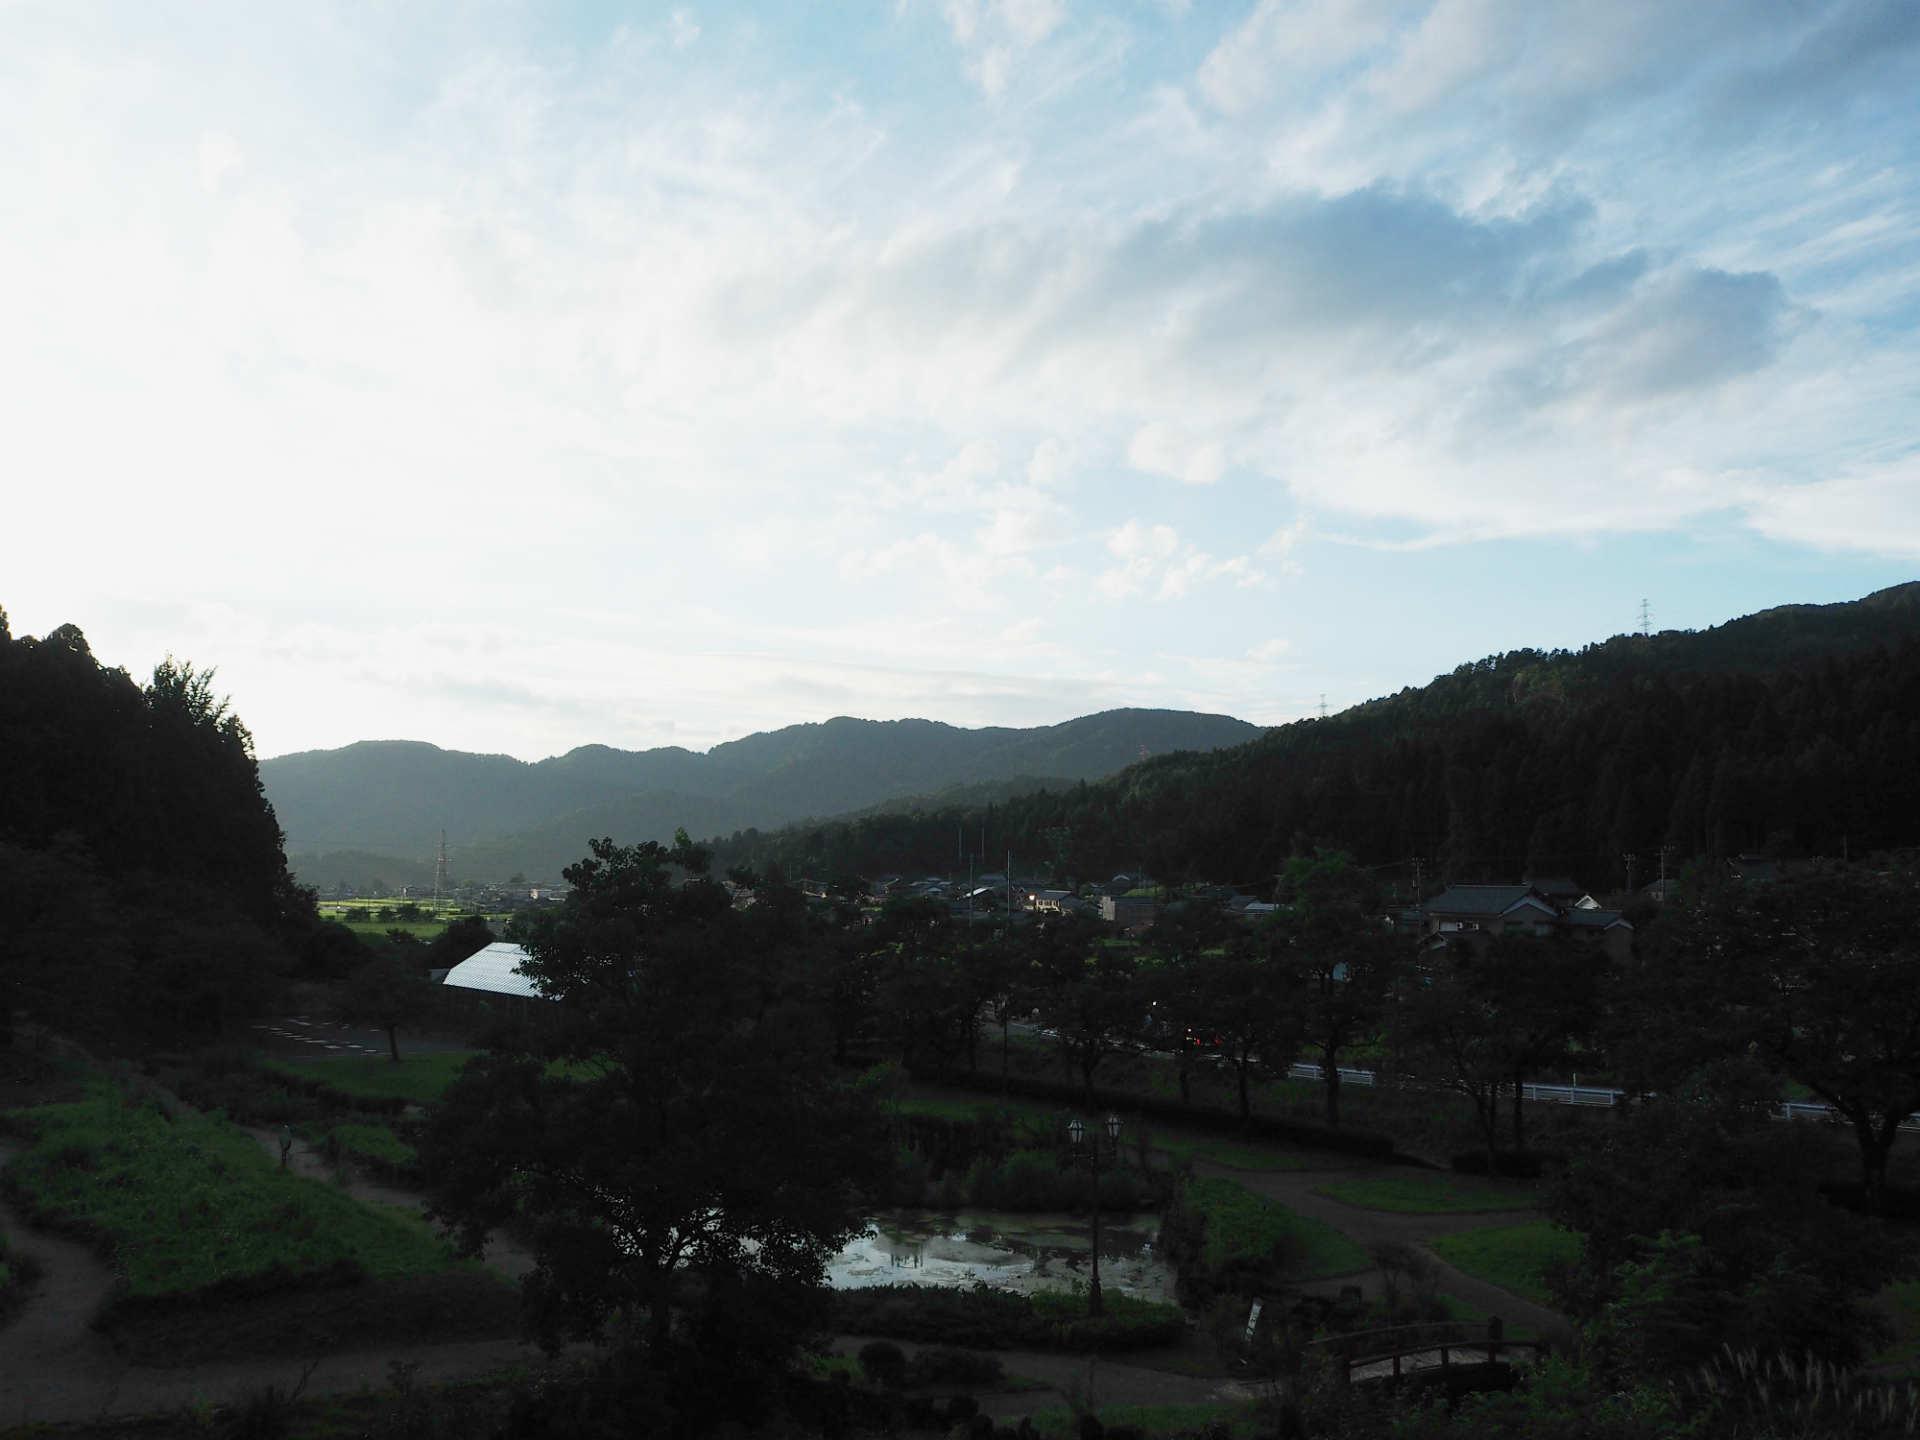 鯖江市街から車で20分ほど走ると豊かな自然が広がる (撮影:川内イオ)